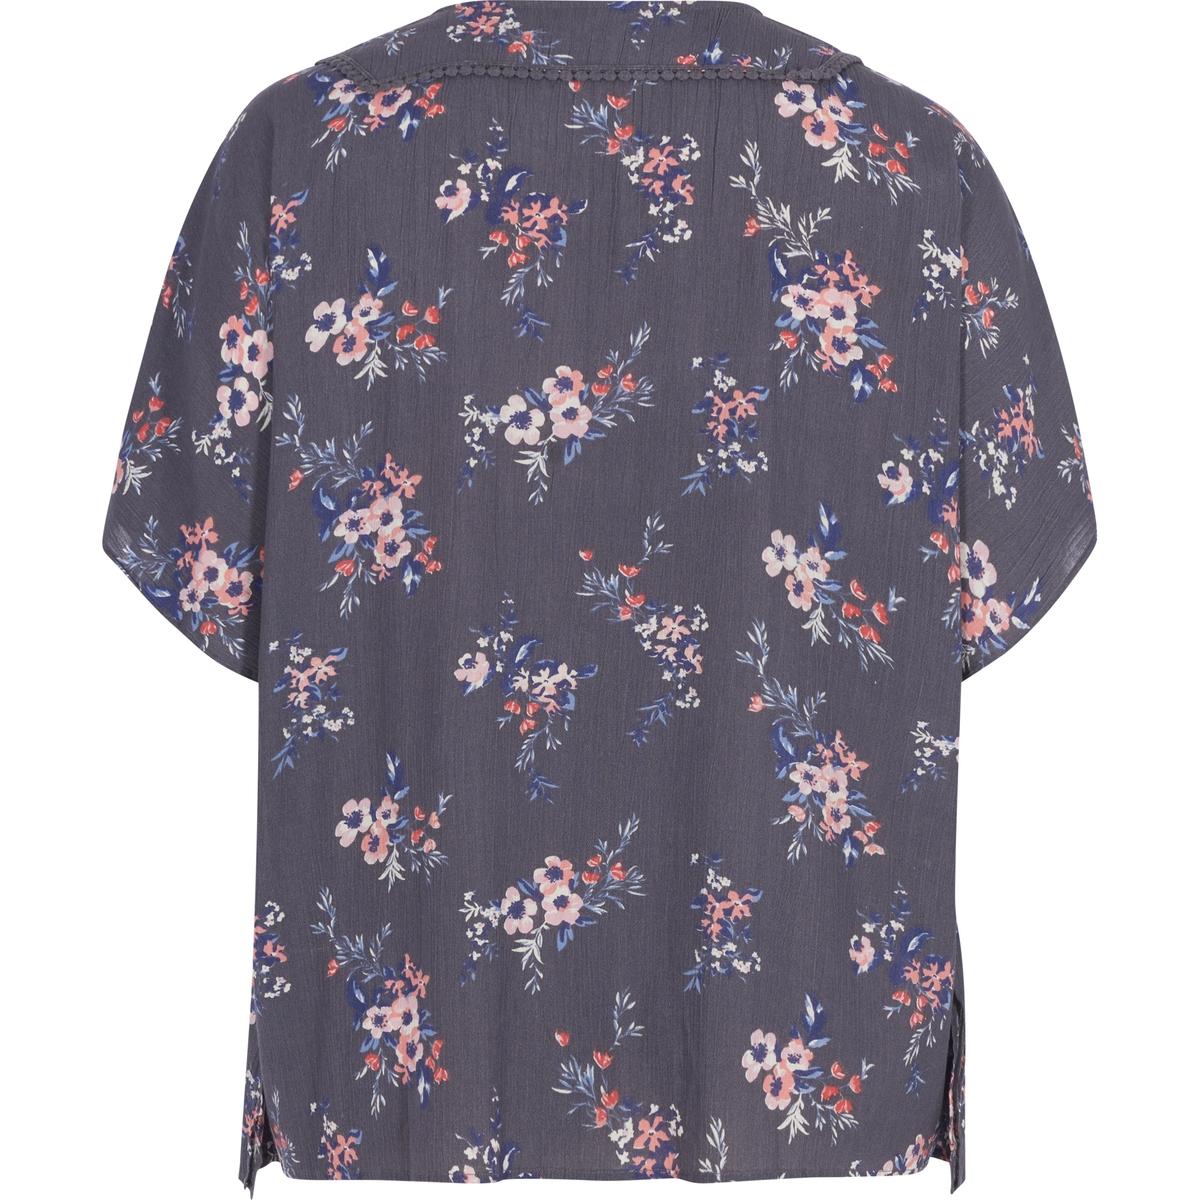 БлузкаБлузка с короткими рукавами ZIZZI. Красивая блузка с большим количеством мелких вставок, которые придают блузке женственный вид. Круглый вырез со вставкой из тонкого кружева, воланы по бокам. 100% вискоза.<br><br>Цвет: набивной рисунок,розовый